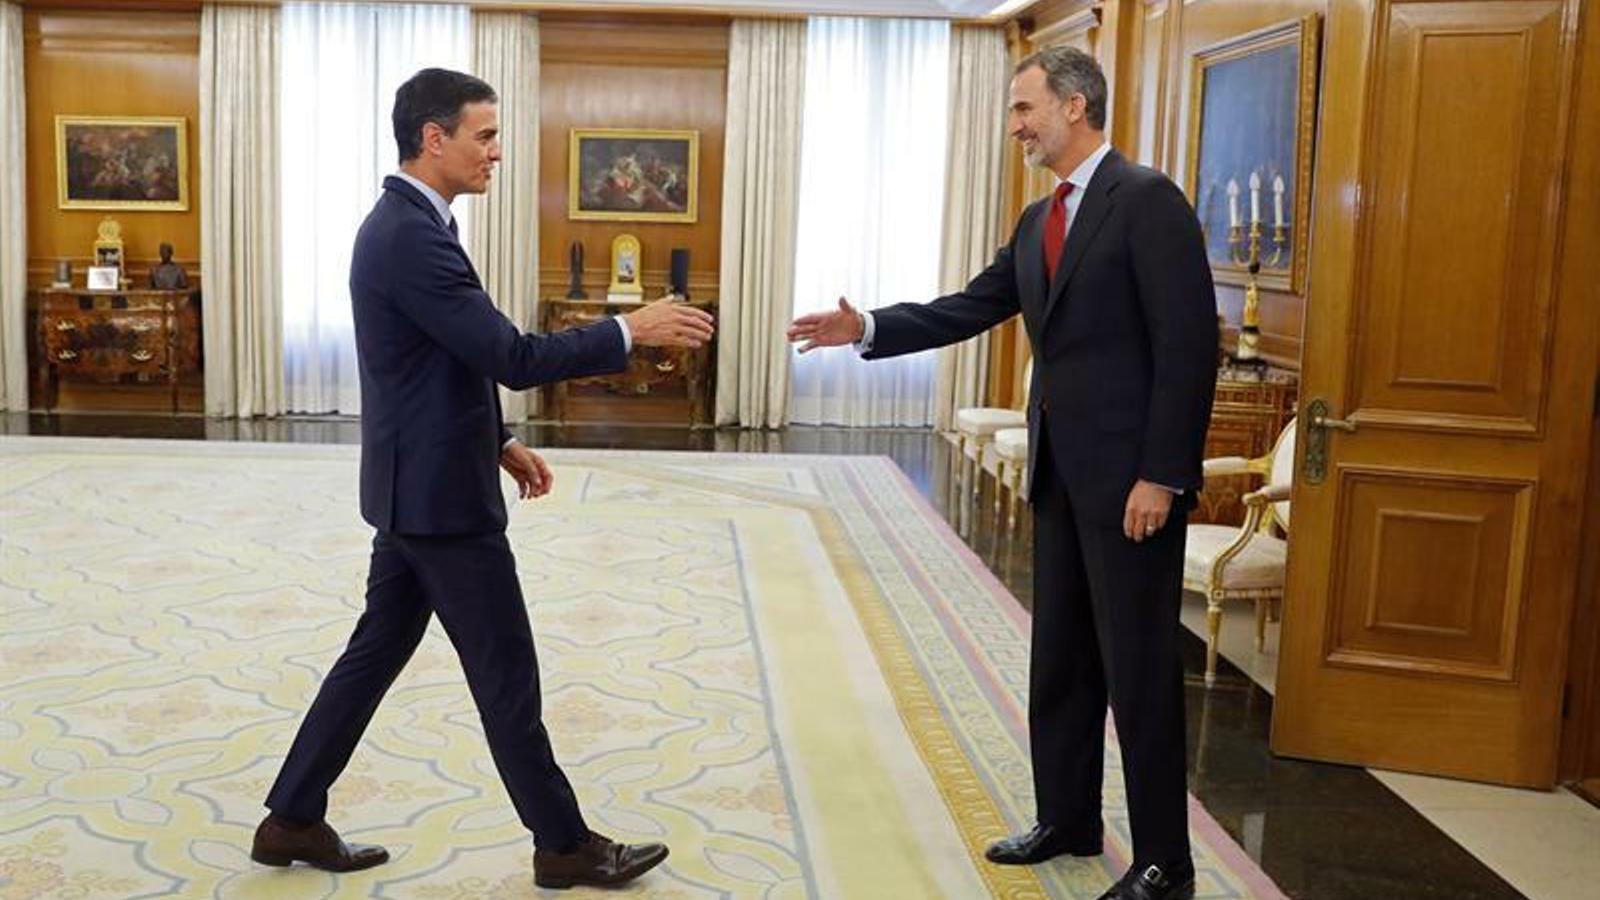 Sánchez s'obre a limitar la inviolabilitat del rei arran dels problemes judicials de Joan Carles I